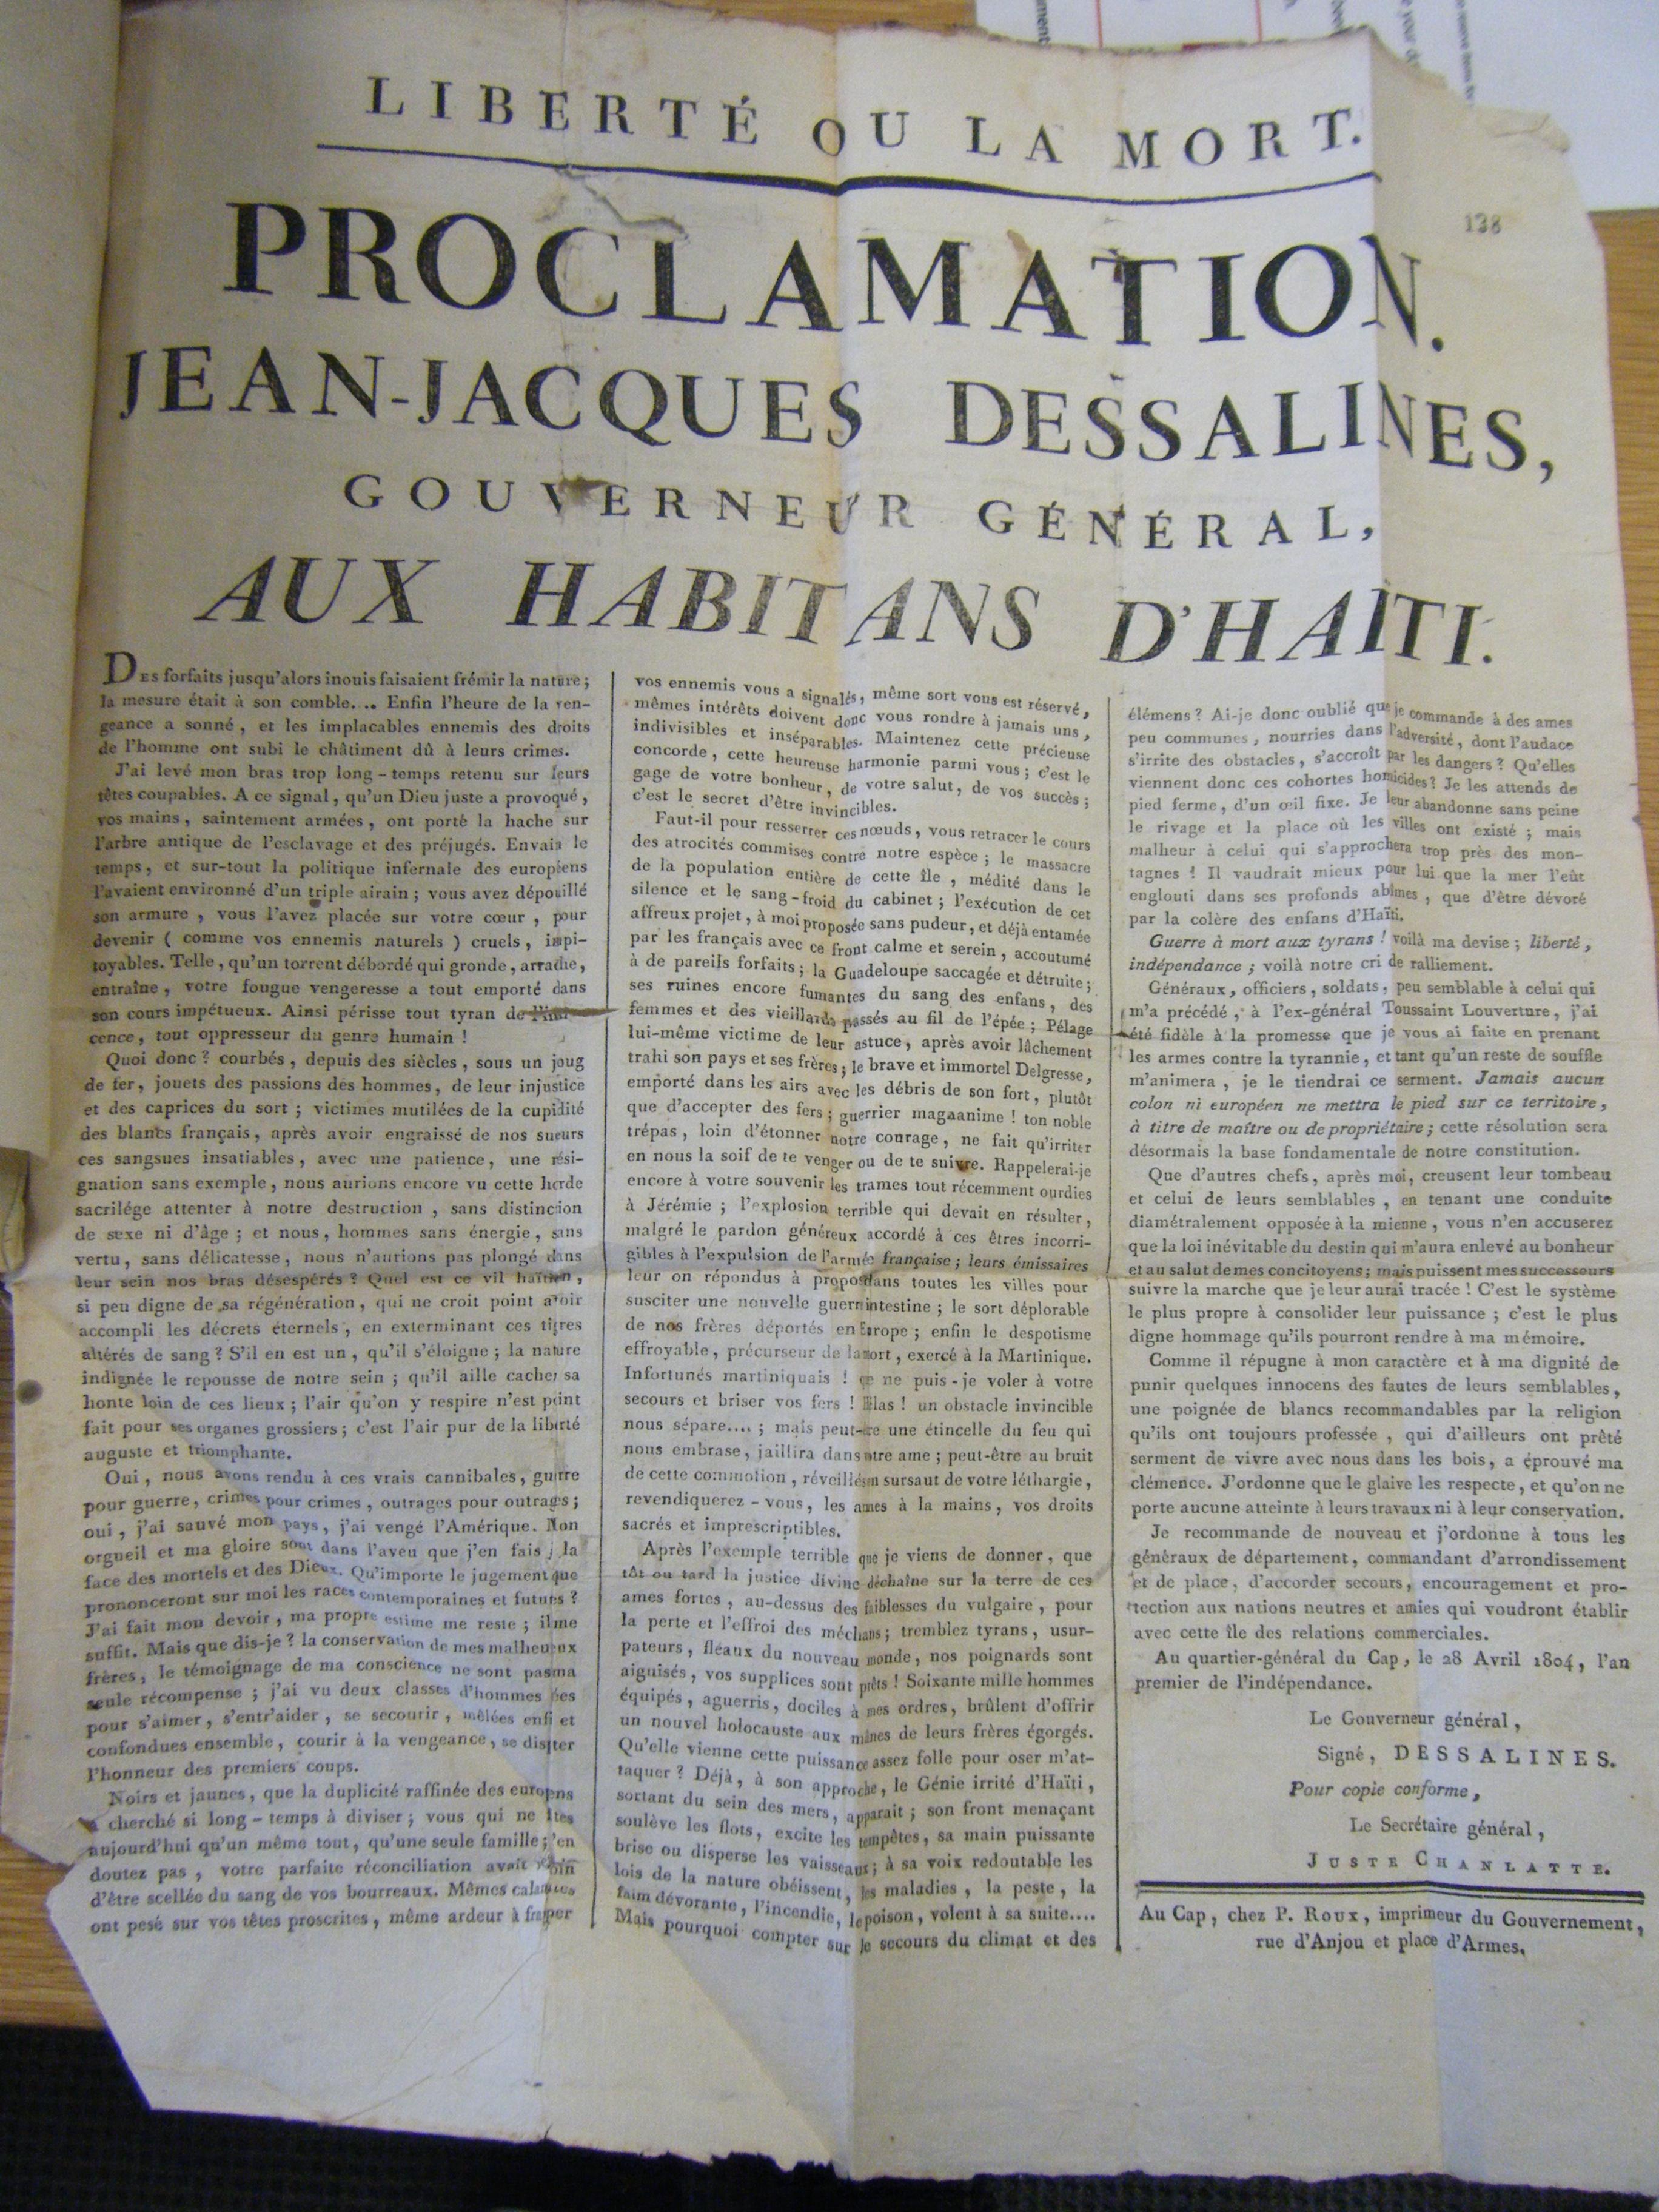 Haiti independence essays